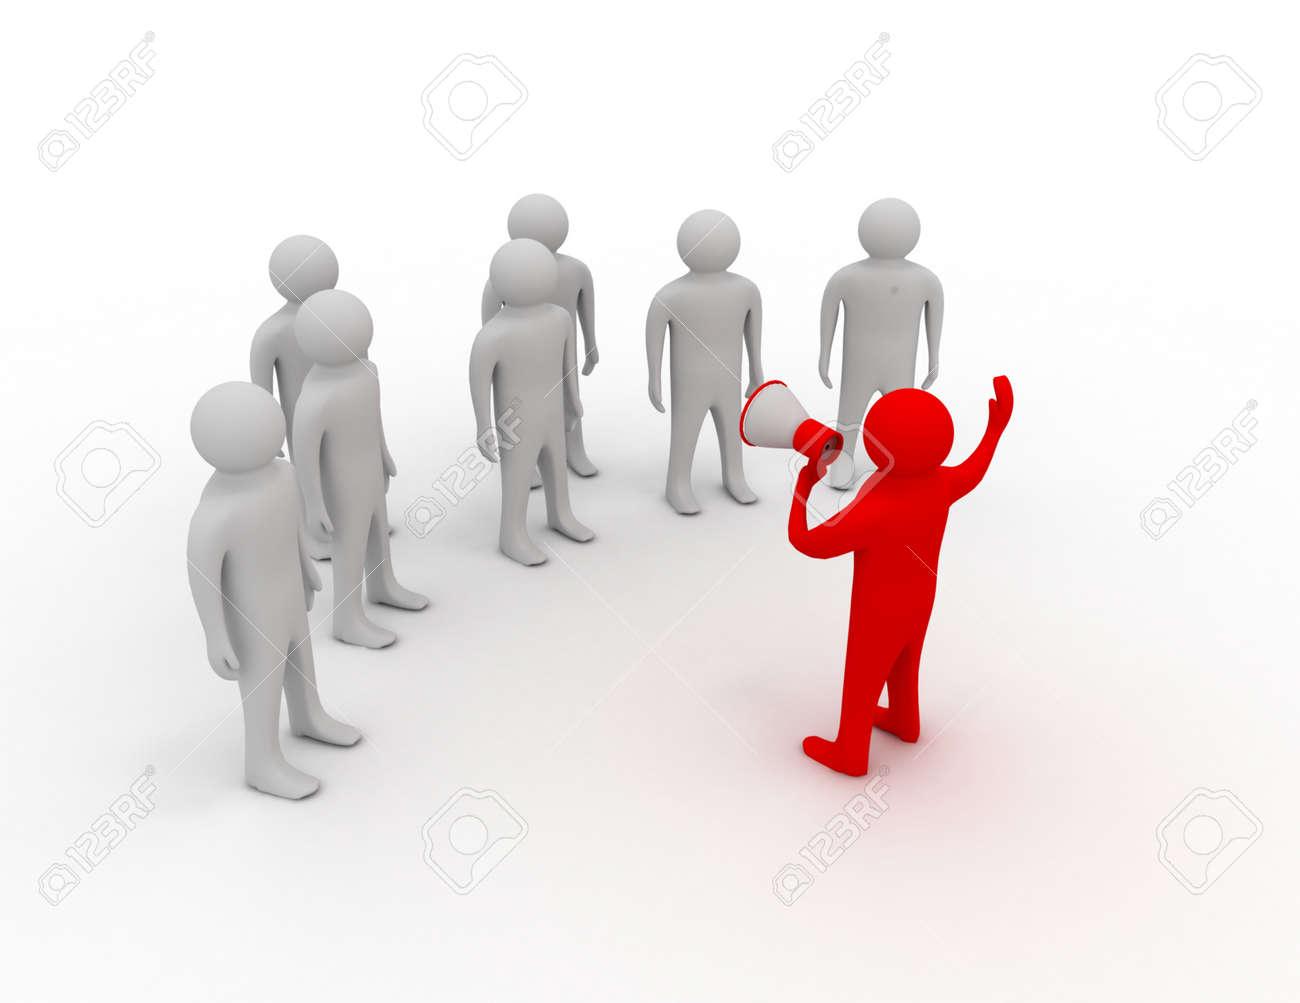 orator speaks in megaphone - 155500805